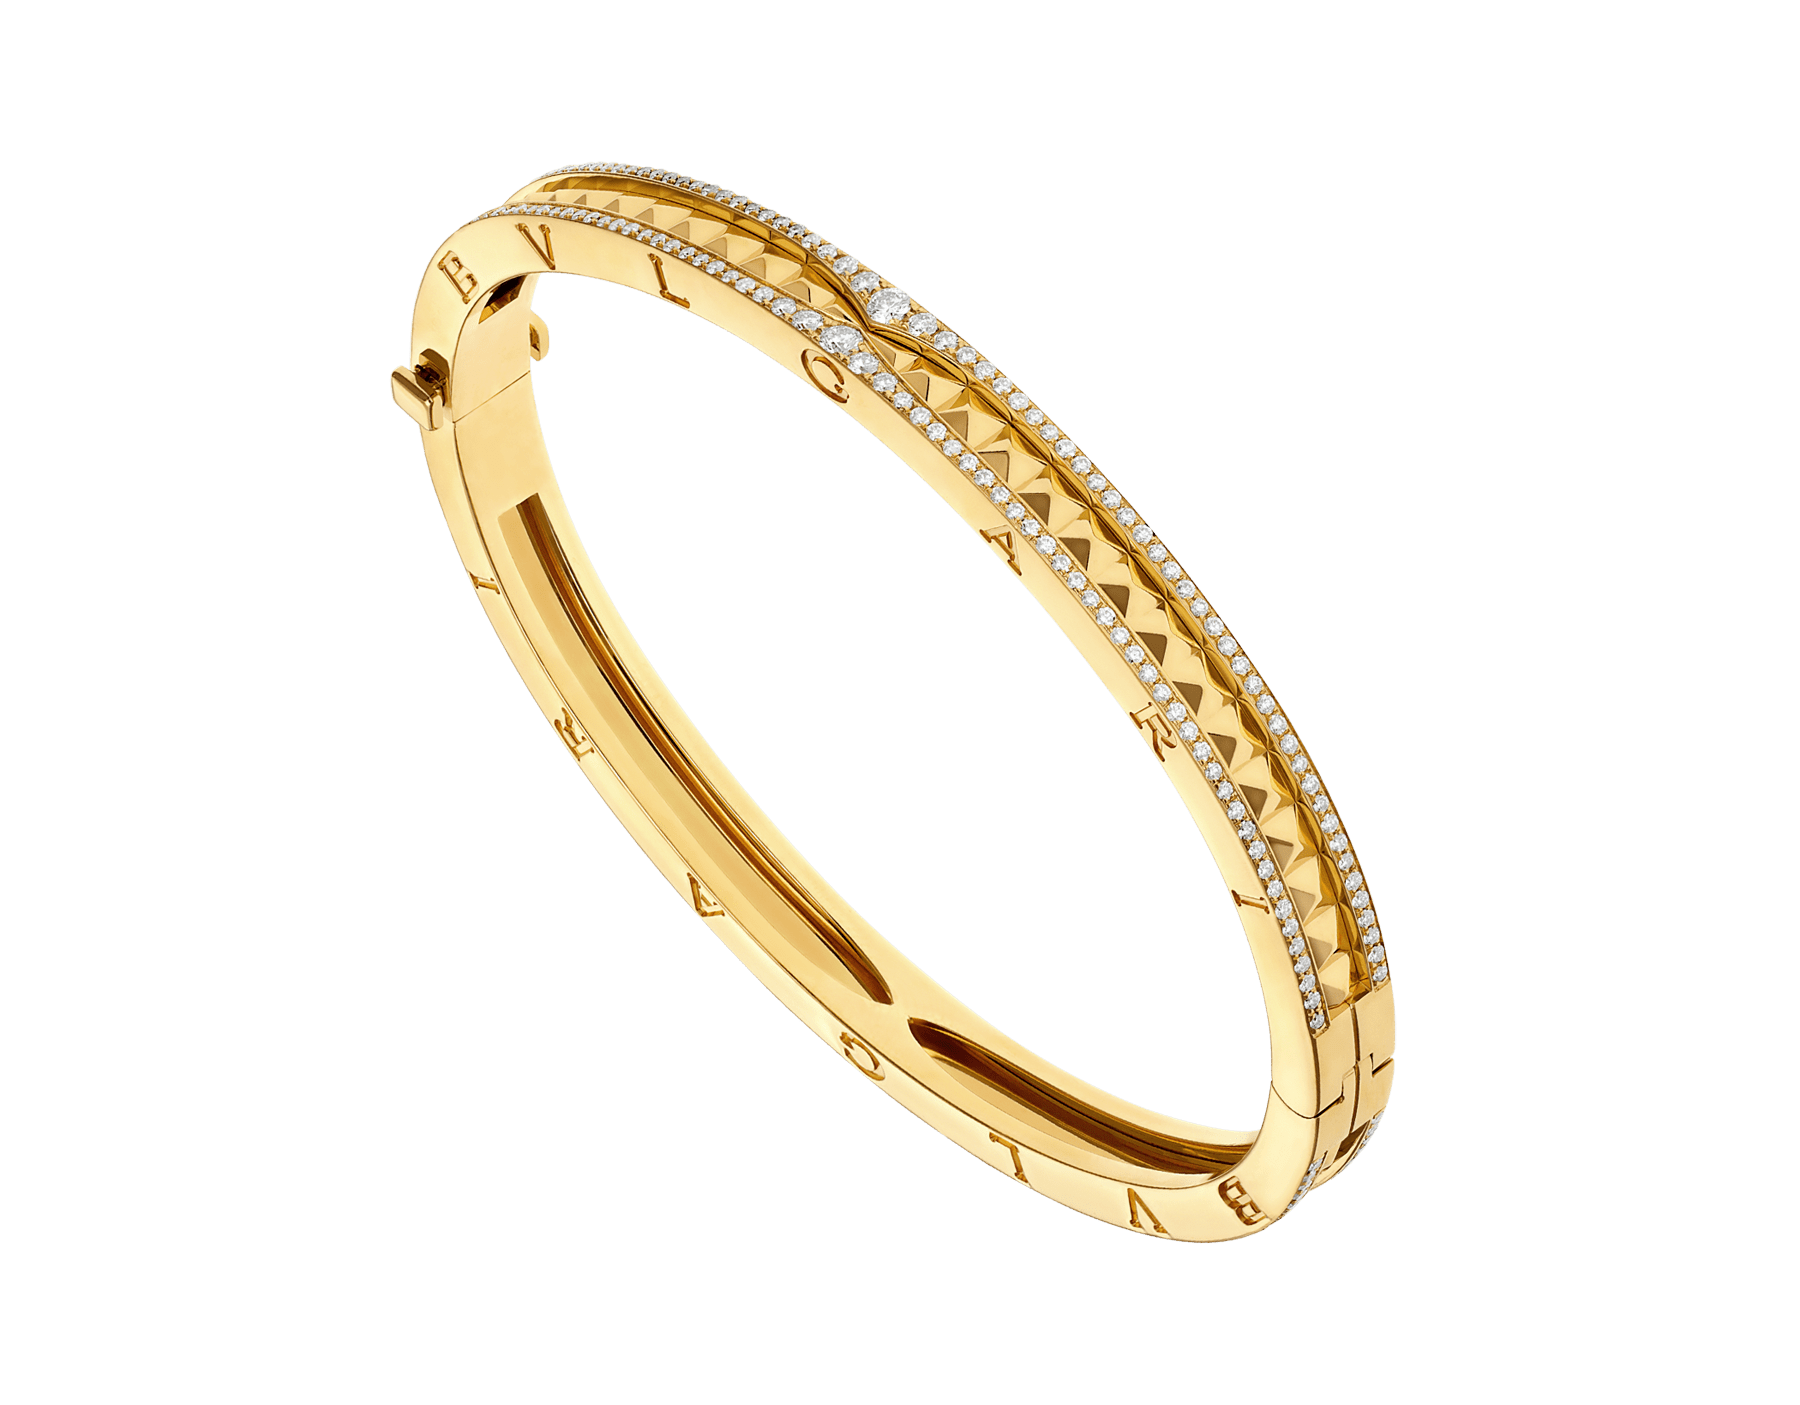 Bracelet B.zero1 Rock en or jaune 18K avec spirale cloutée et pavé diamant sur les bords. BR859028 image 1